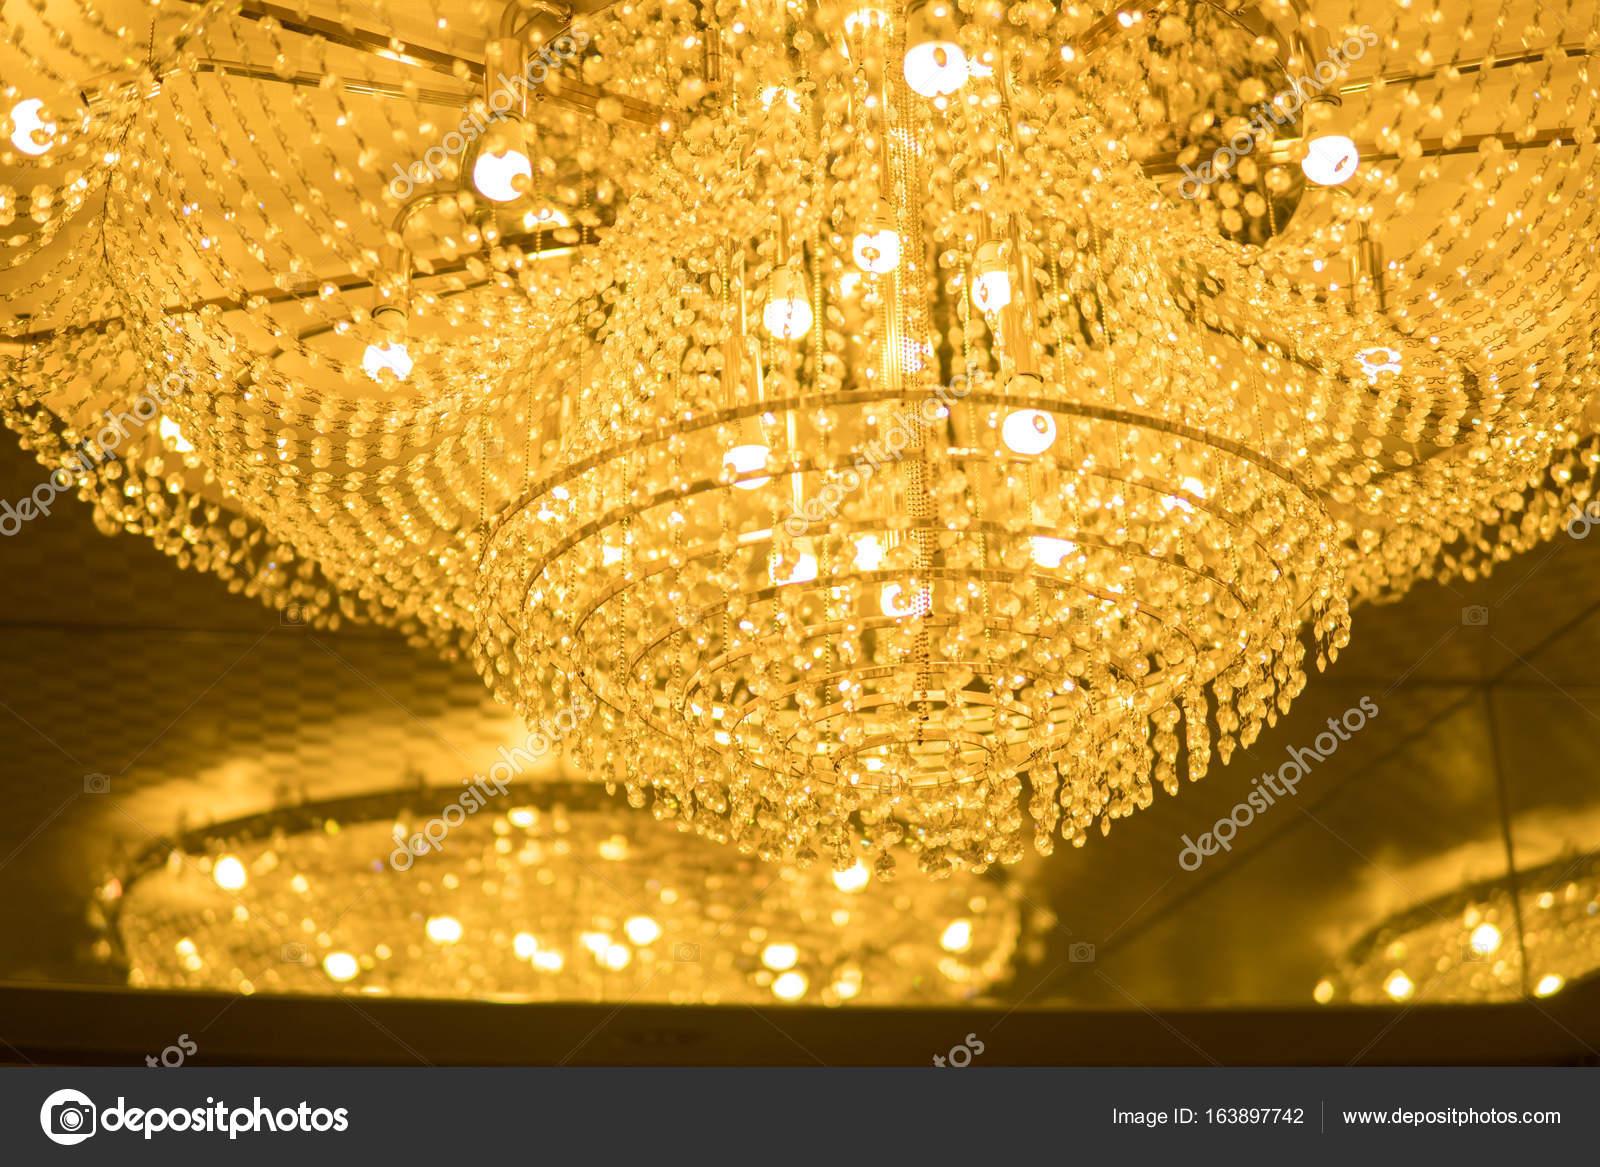 Kronleuchter Kristall Anhänger ~ Beleuchtete kronleuchter mit kristall anhänger u stockfoto